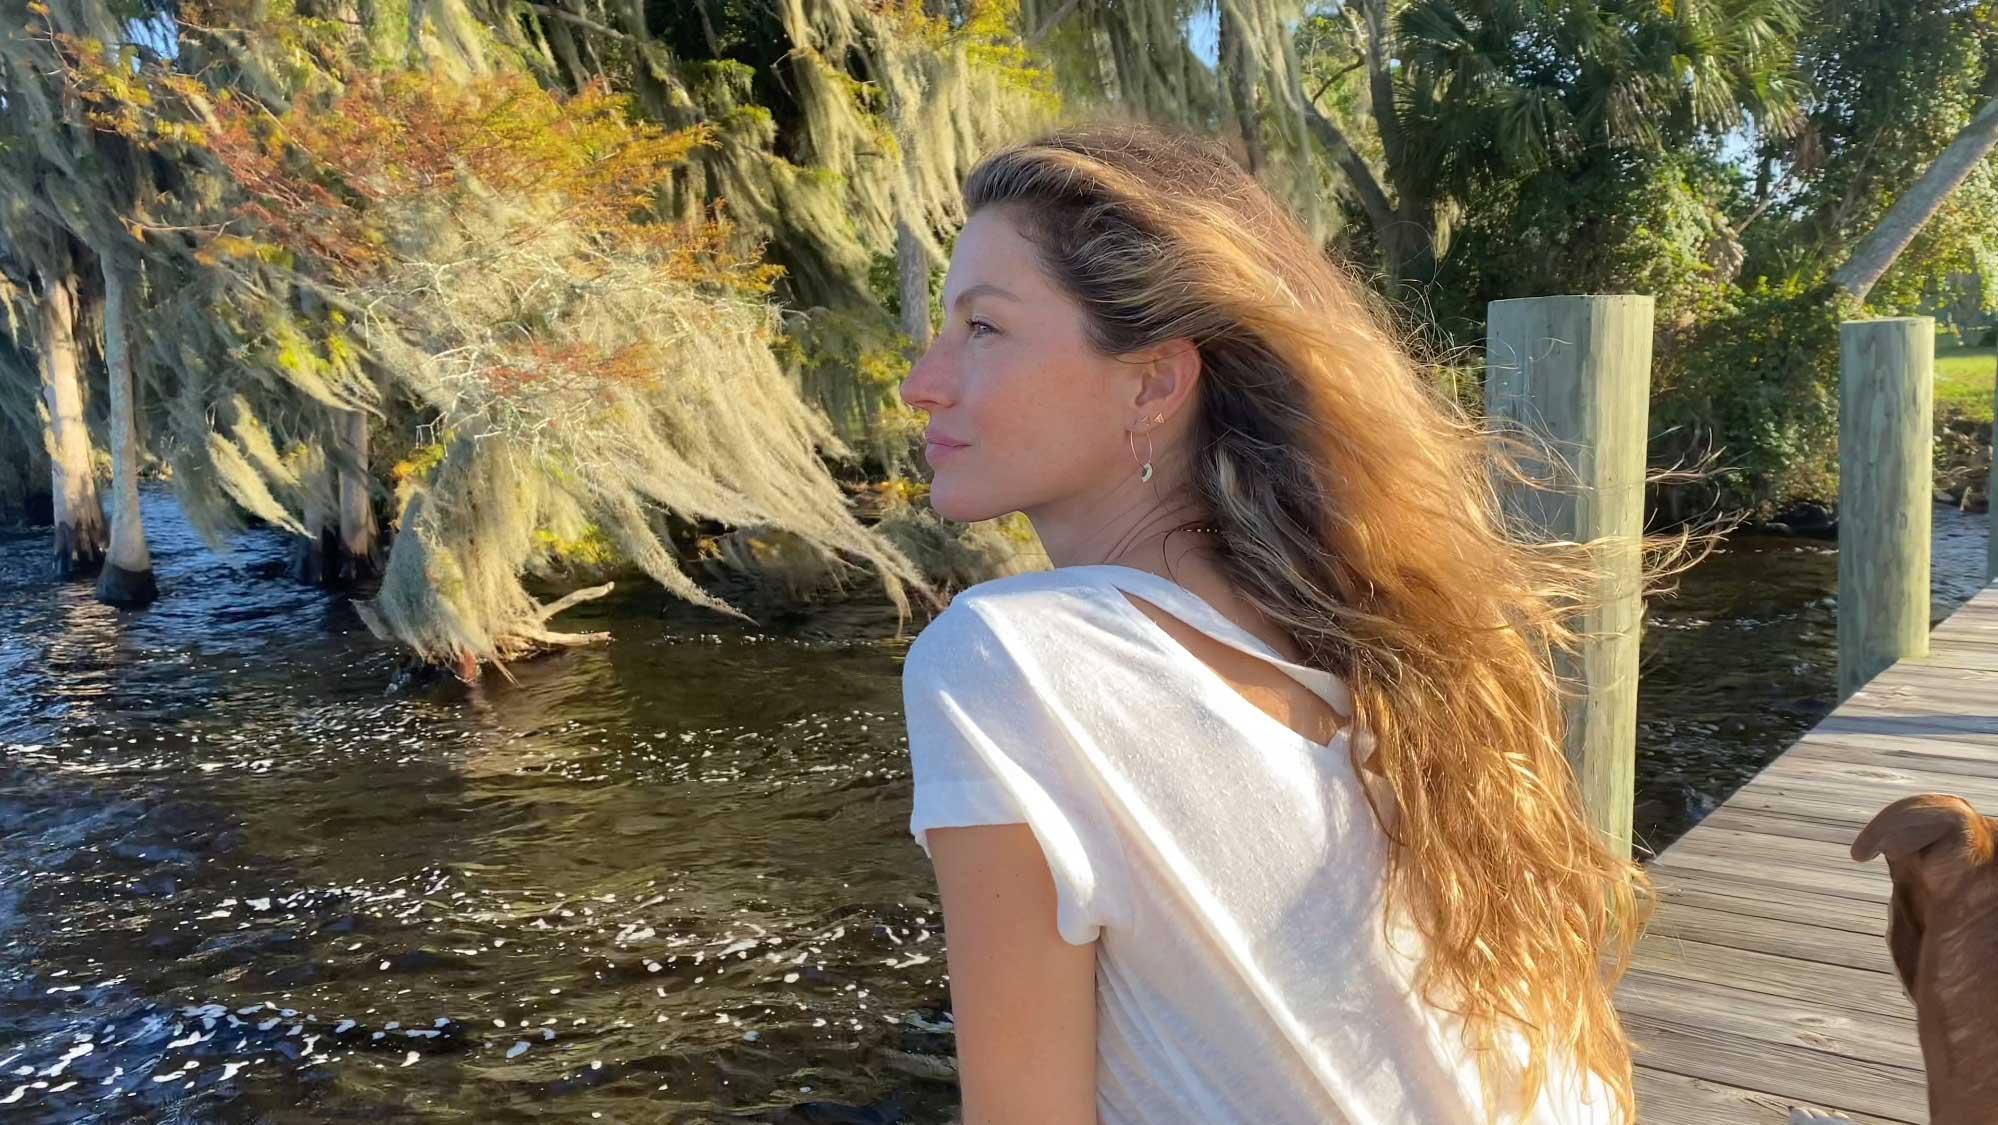 Gisele está sentada de lado, de camiseta branca, cabelos soltos, num píer, sobre um rio e árvores ao fundo